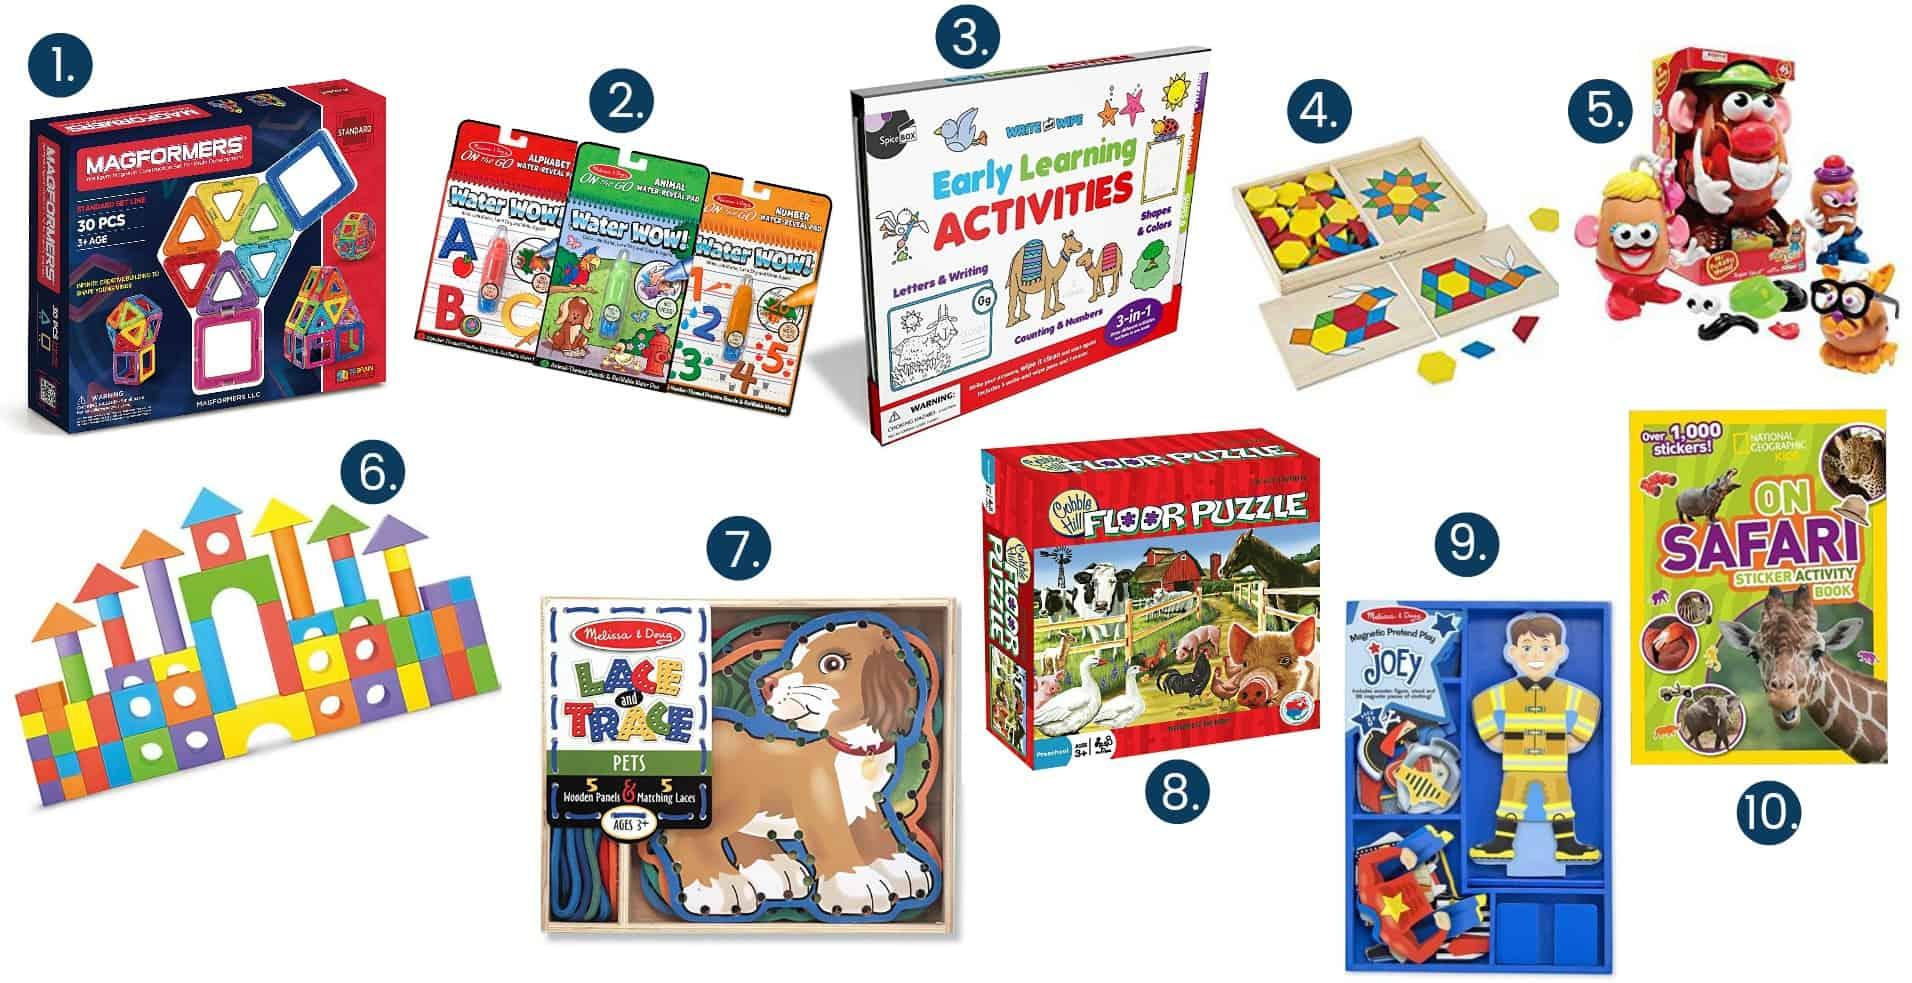 10 games and activities for preschoolers